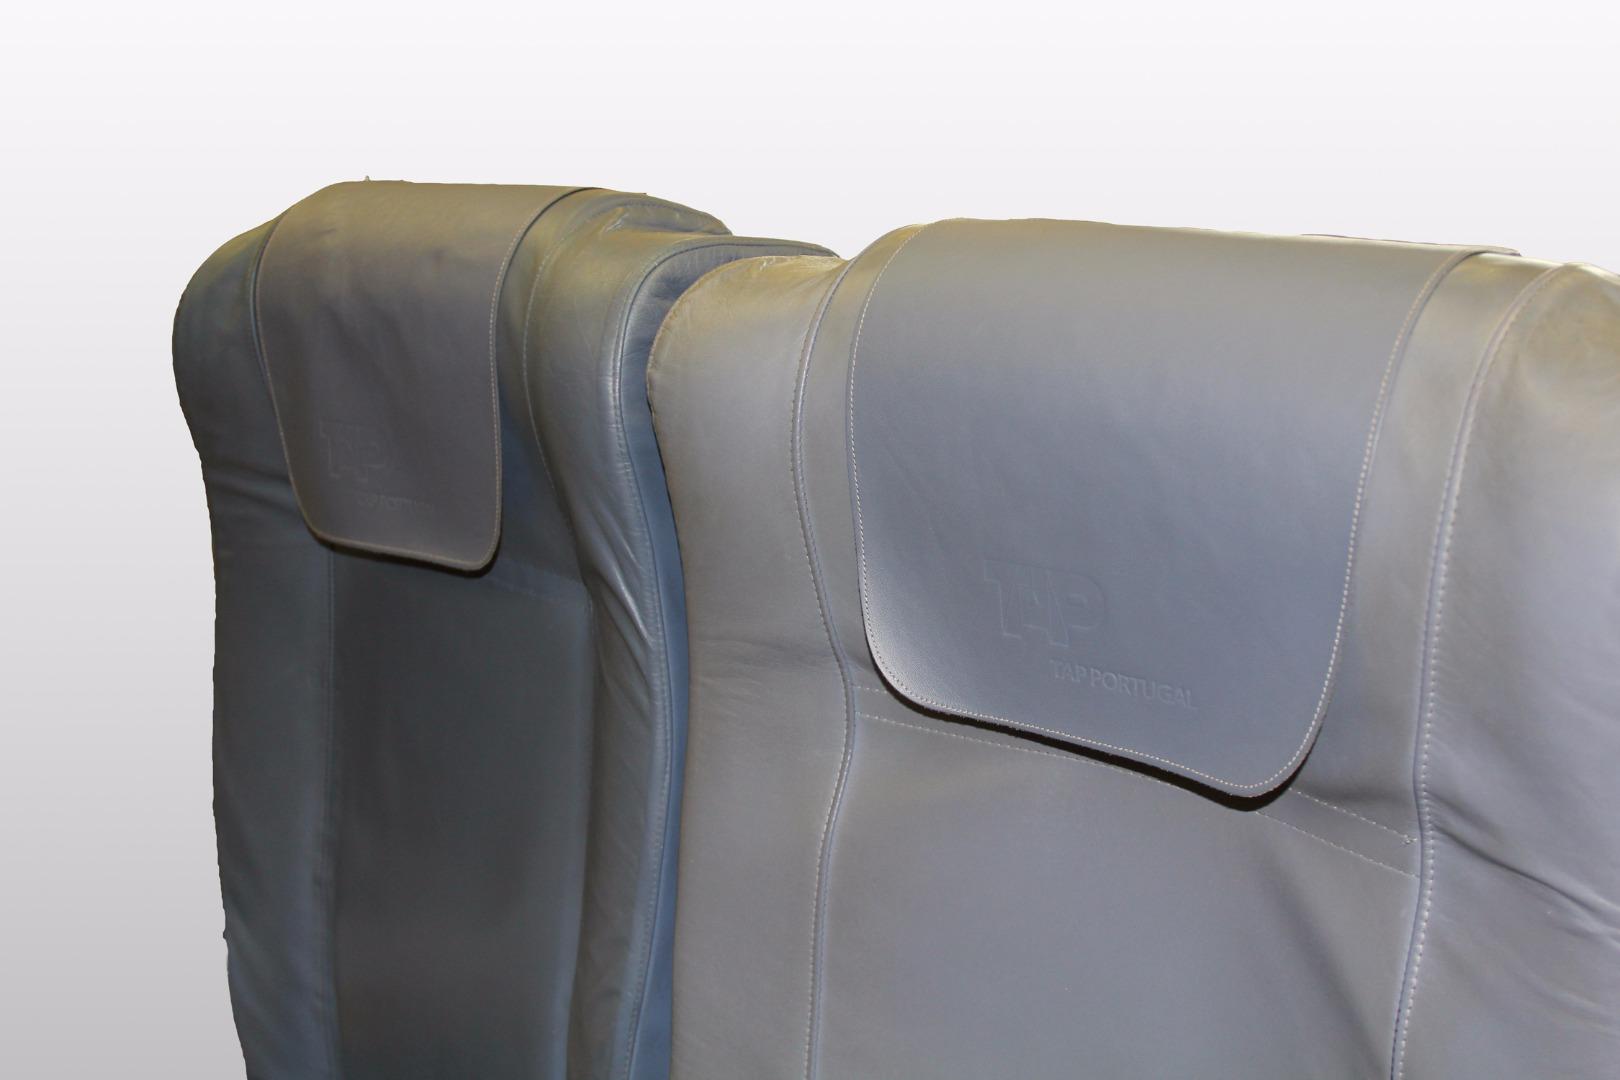 Cadeira tripla económica do avião A319 CS-TTM da TAP - 6